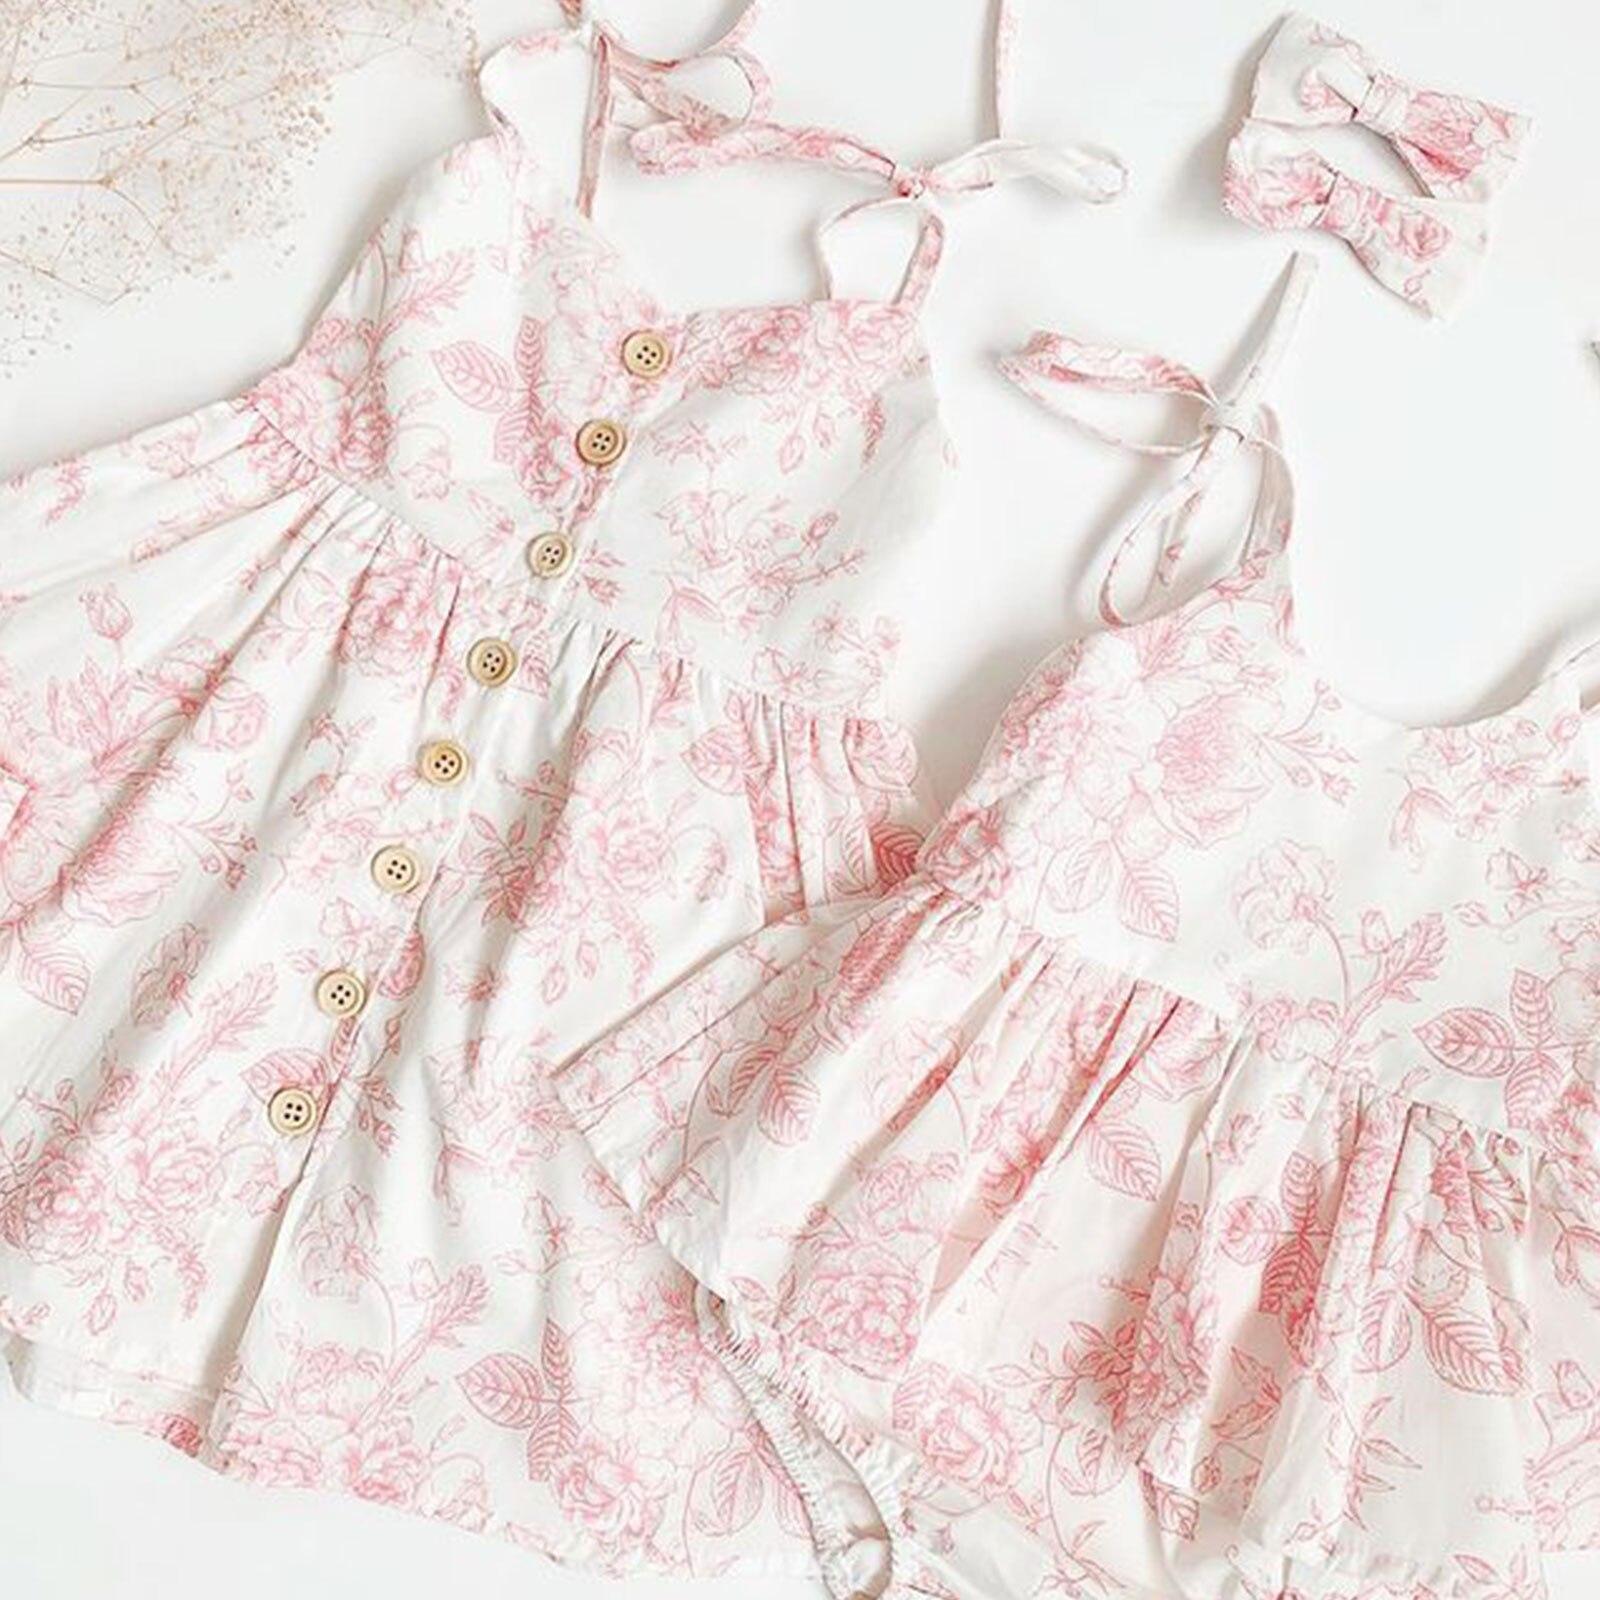 Женское боди с цветочным принтом, комбинезоны без рукавов на бретельках, повязка на голову, комплект из 2 предметов, одежда для девочек, лето ...